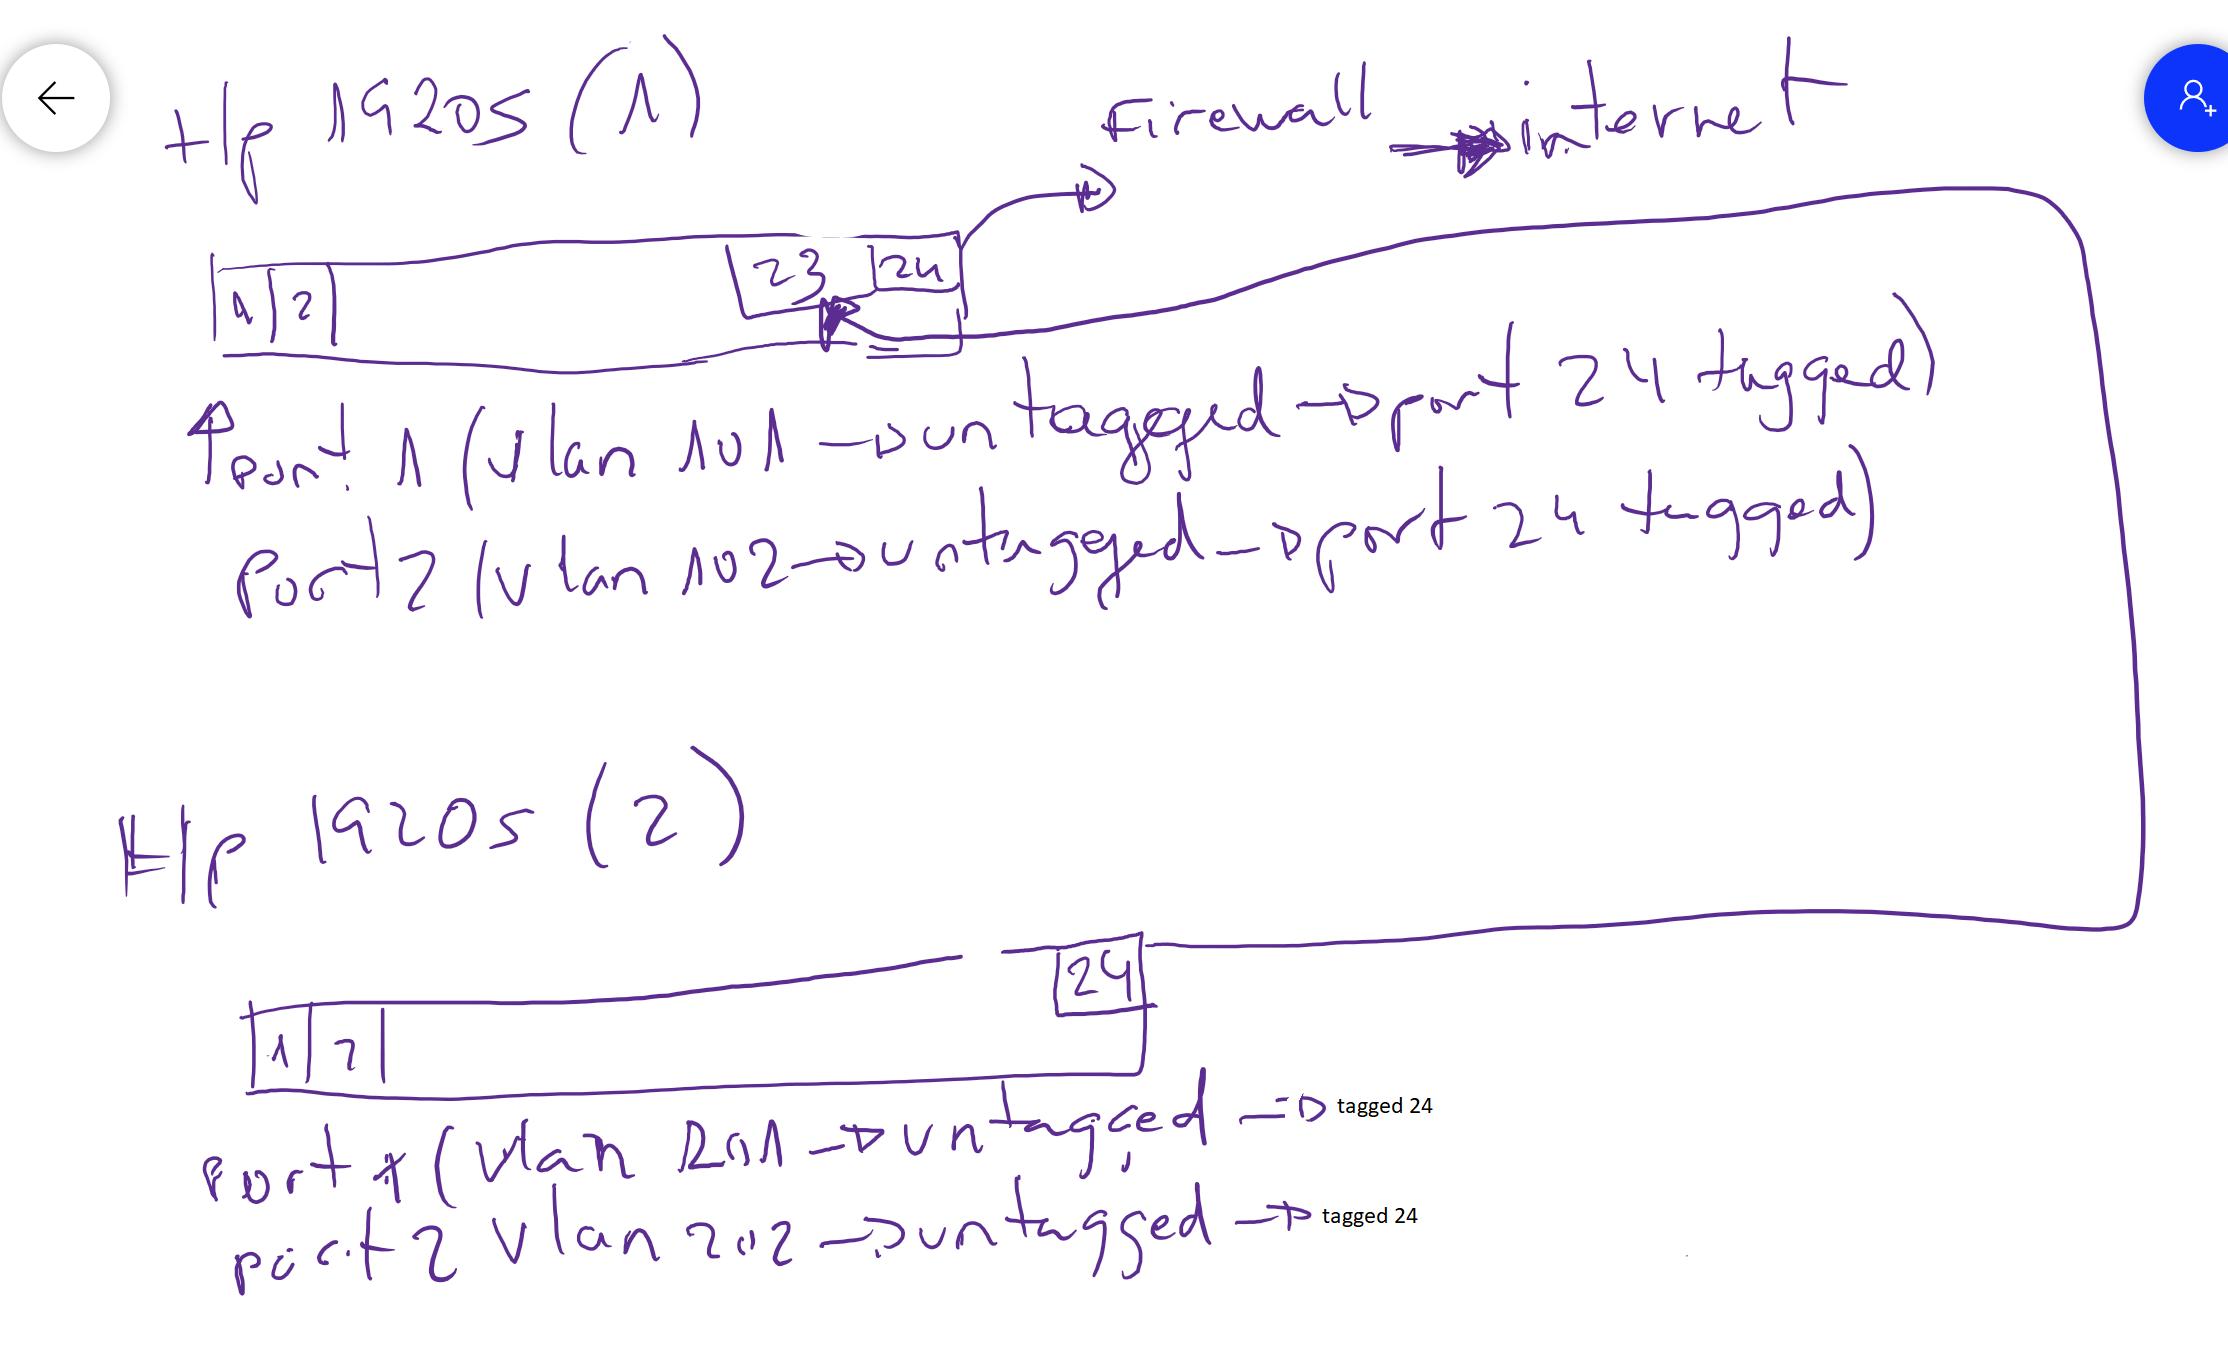 Configuracion switeches HP en Moratalaz con vlanes.PNG